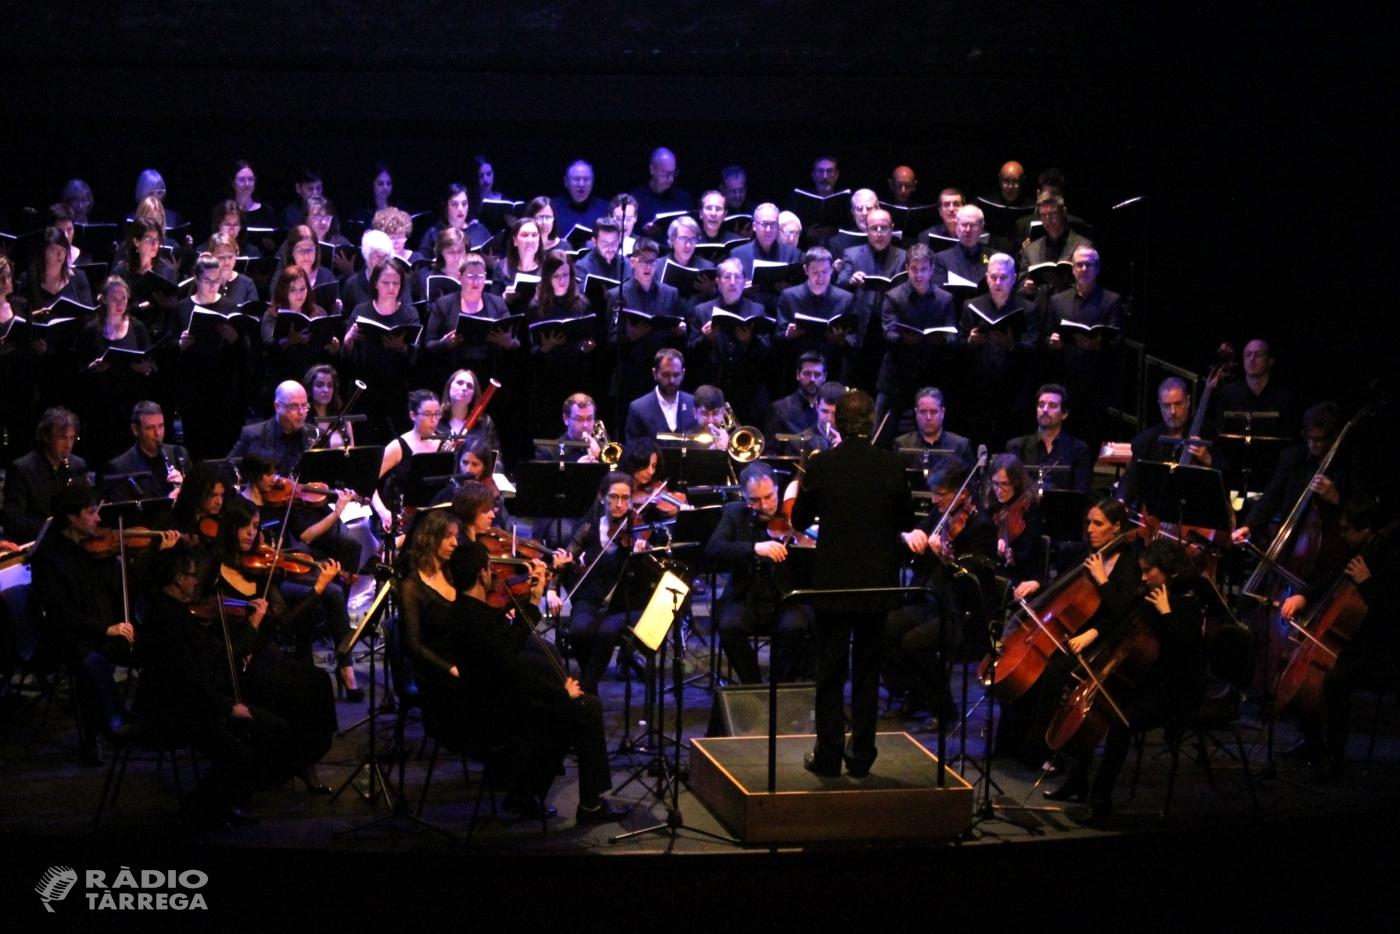 L'Orquestra Julià Carbonell i l'Orfeó Lleidatà obren el cicle musical Tàrrega Sona 2019 omplint el Teatre Ateneu